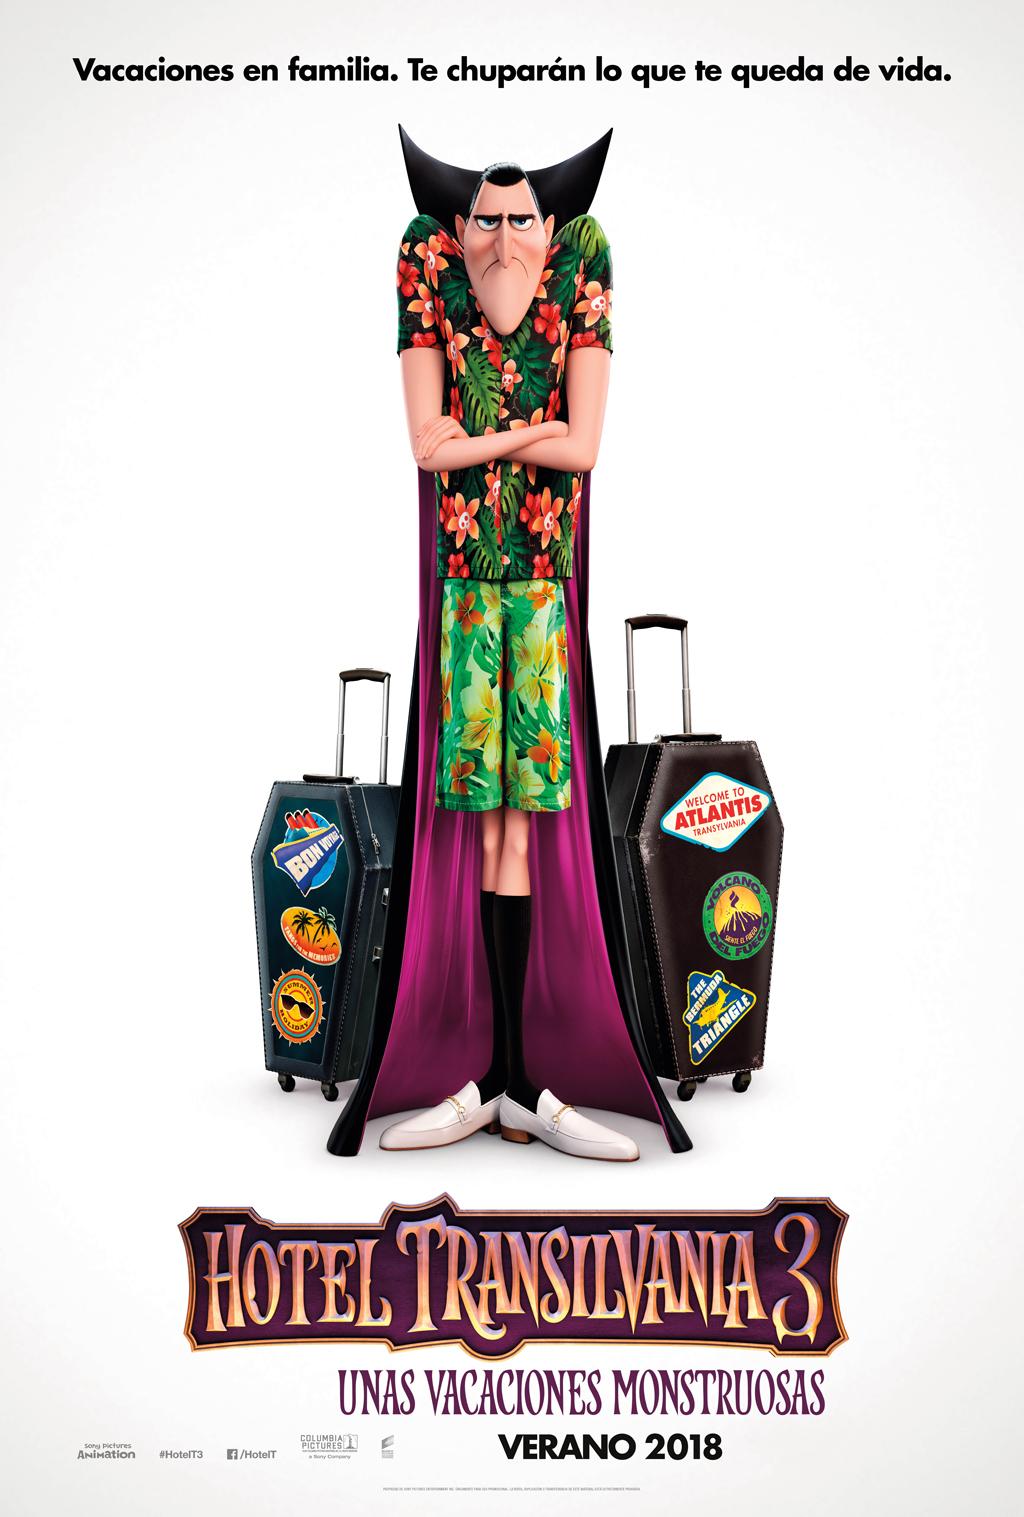 Hotel Transilvania 3 Unas Vacaciones Monstruosas Minigranada